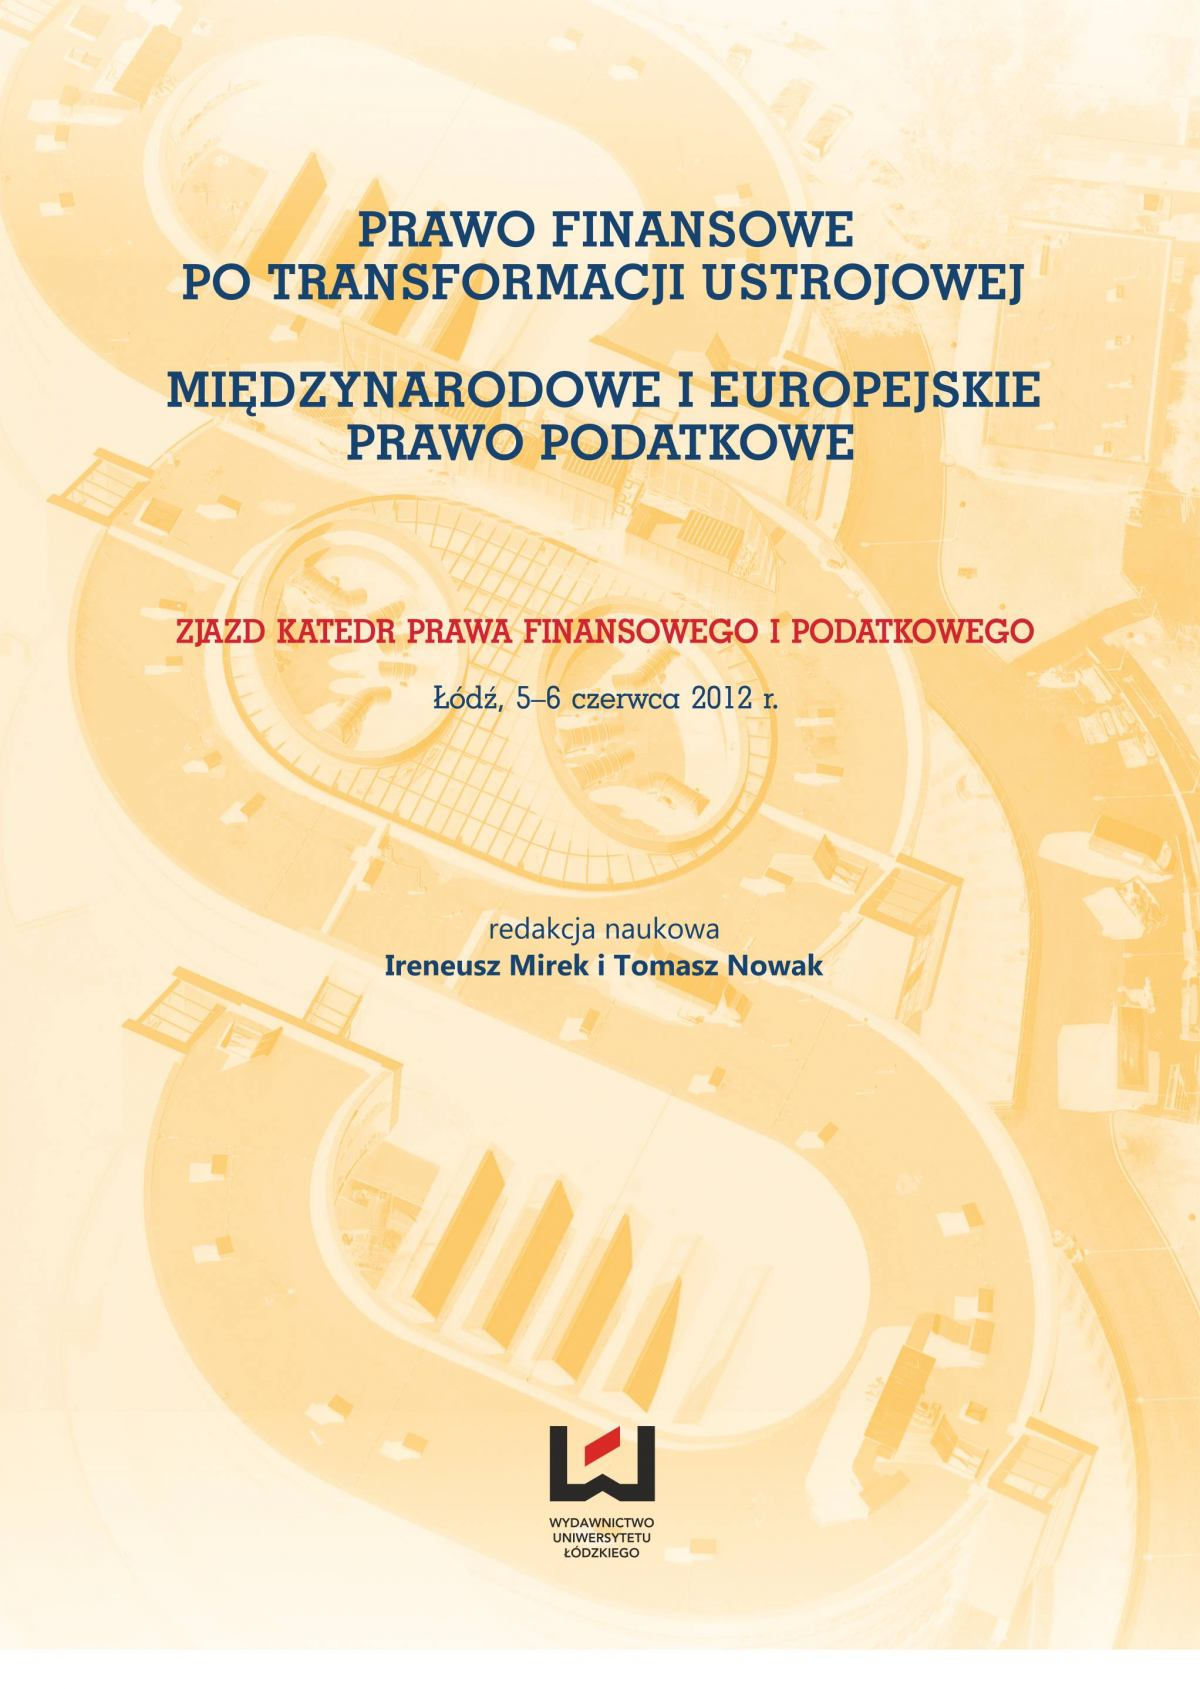 Prawo finansowe po transformacji ustrojowej. Międzynarodowe i europejskie prawo podatkowe - Ebook (Książka PDF) do pobrania w formacie PDF